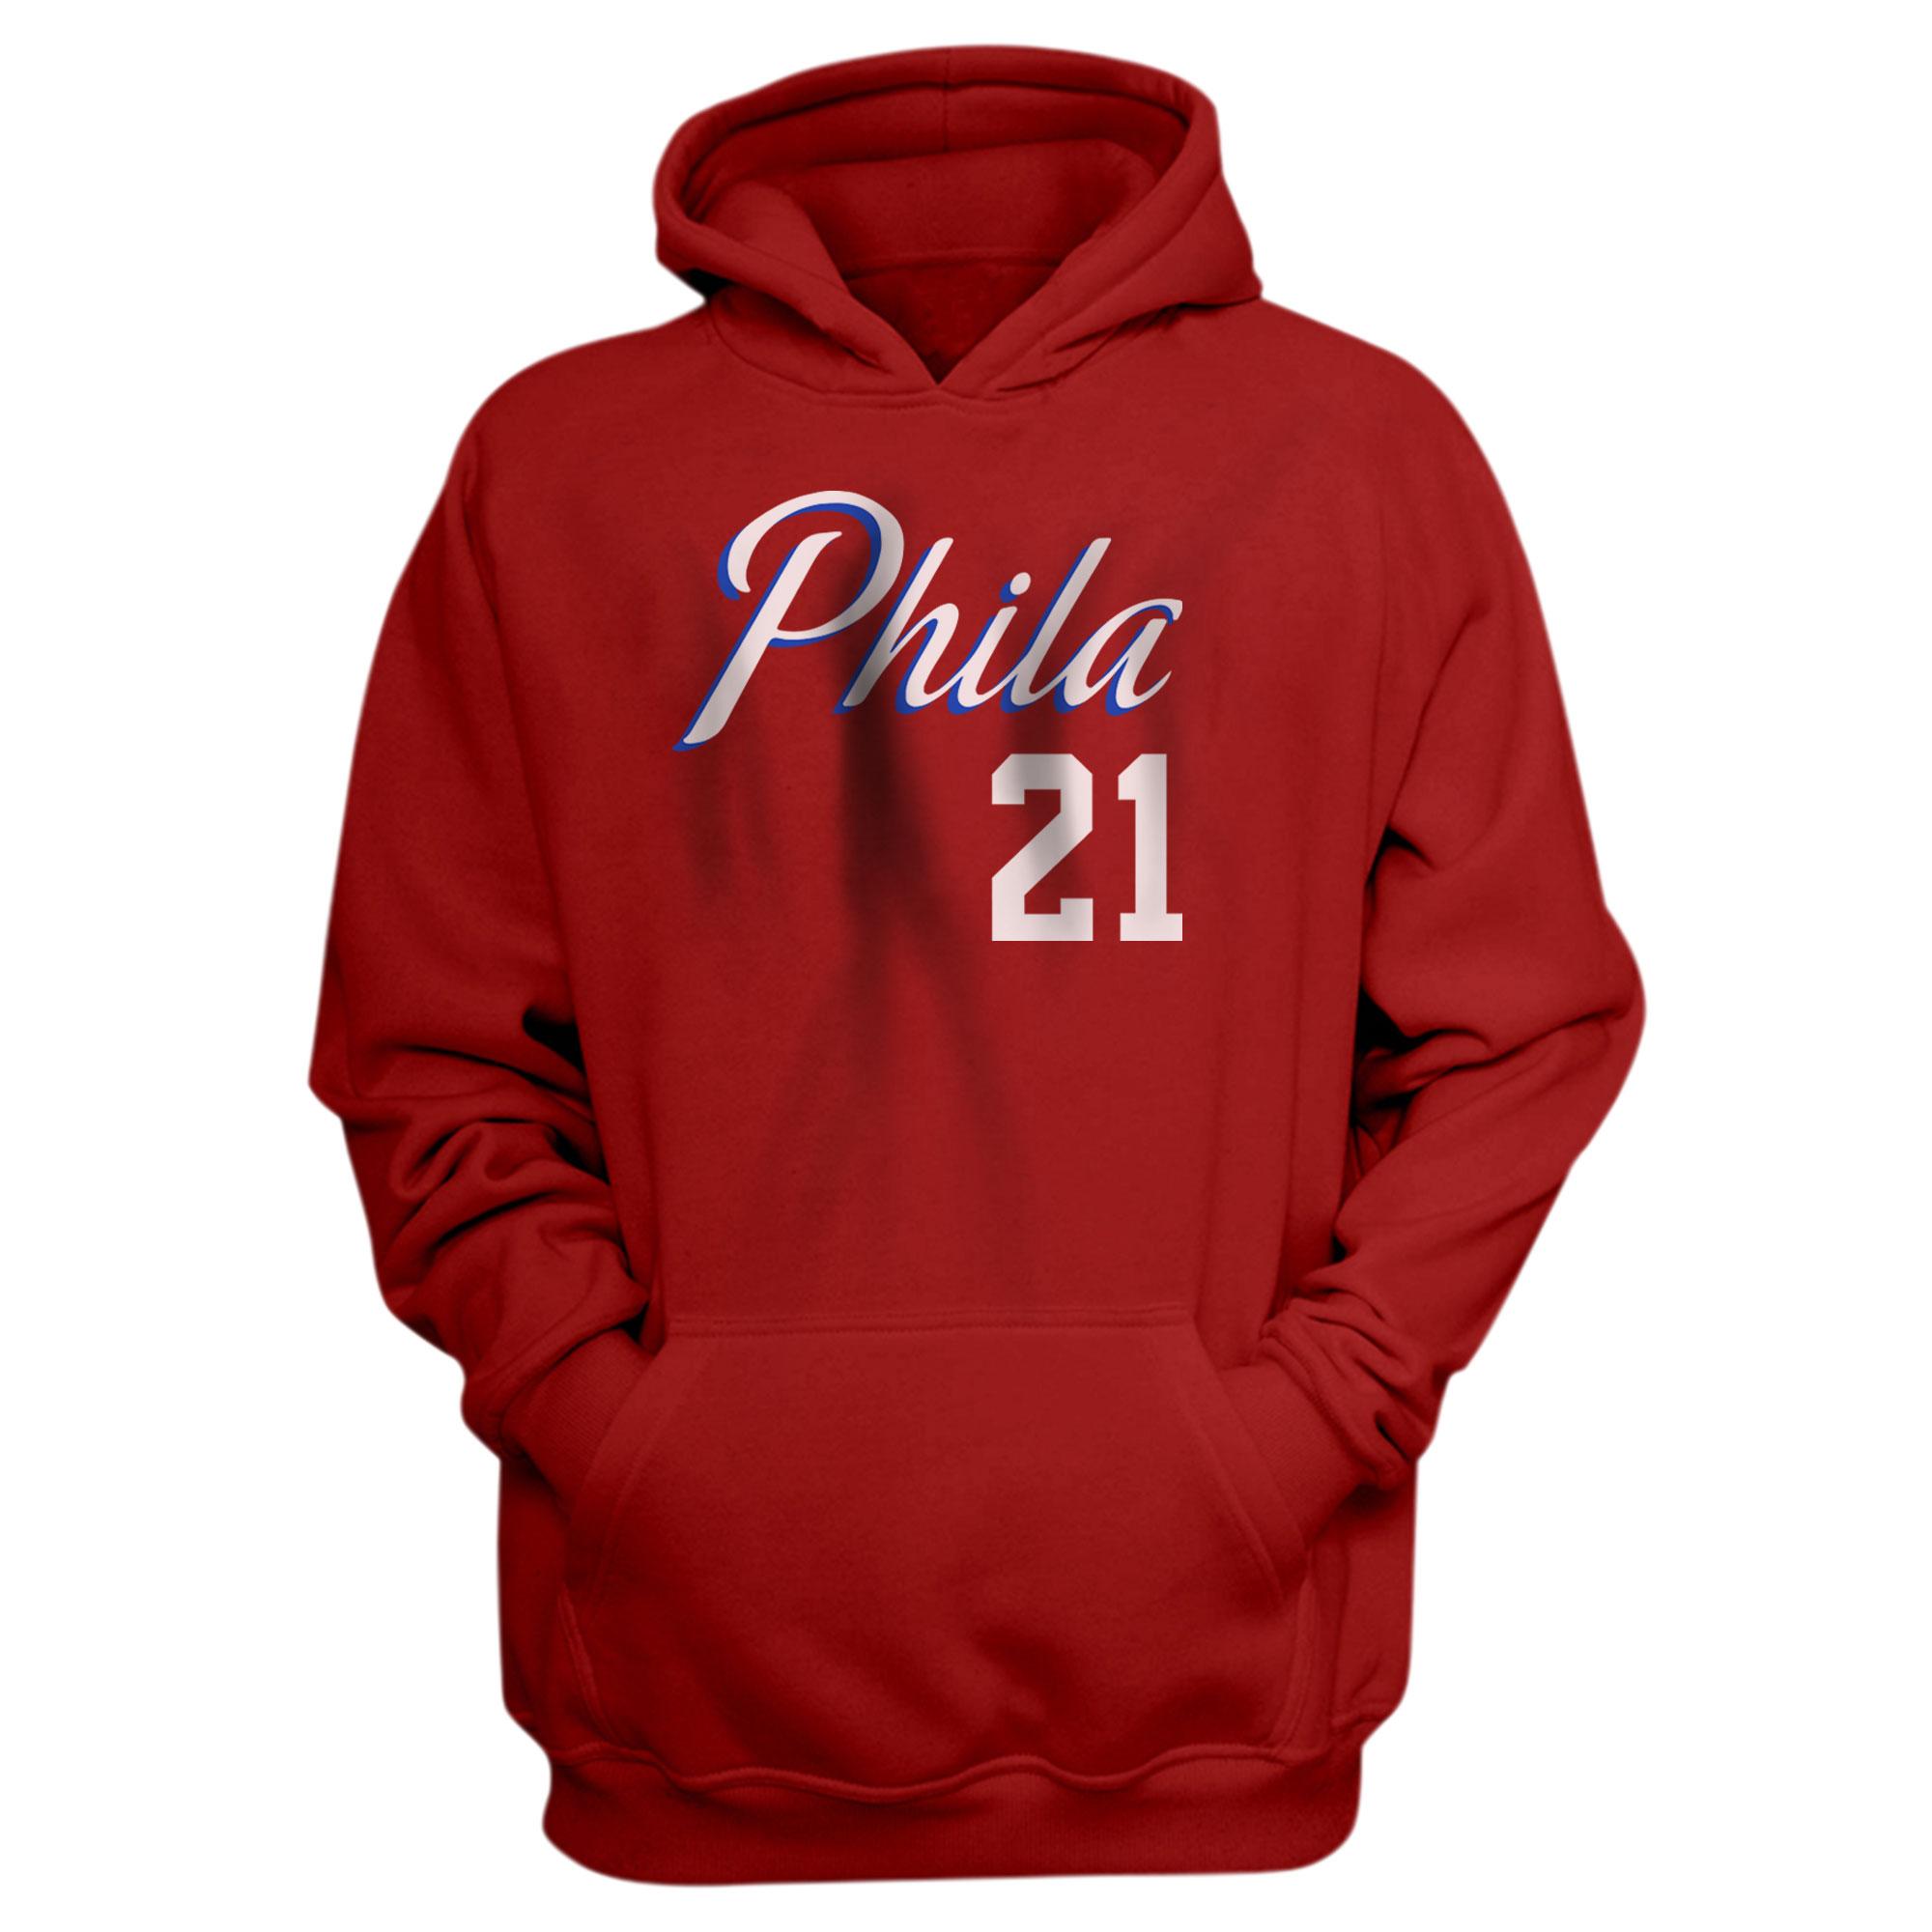 Philadelphia 76ers Joel Embiid Hoodie (HD-RED-NP-504-21)